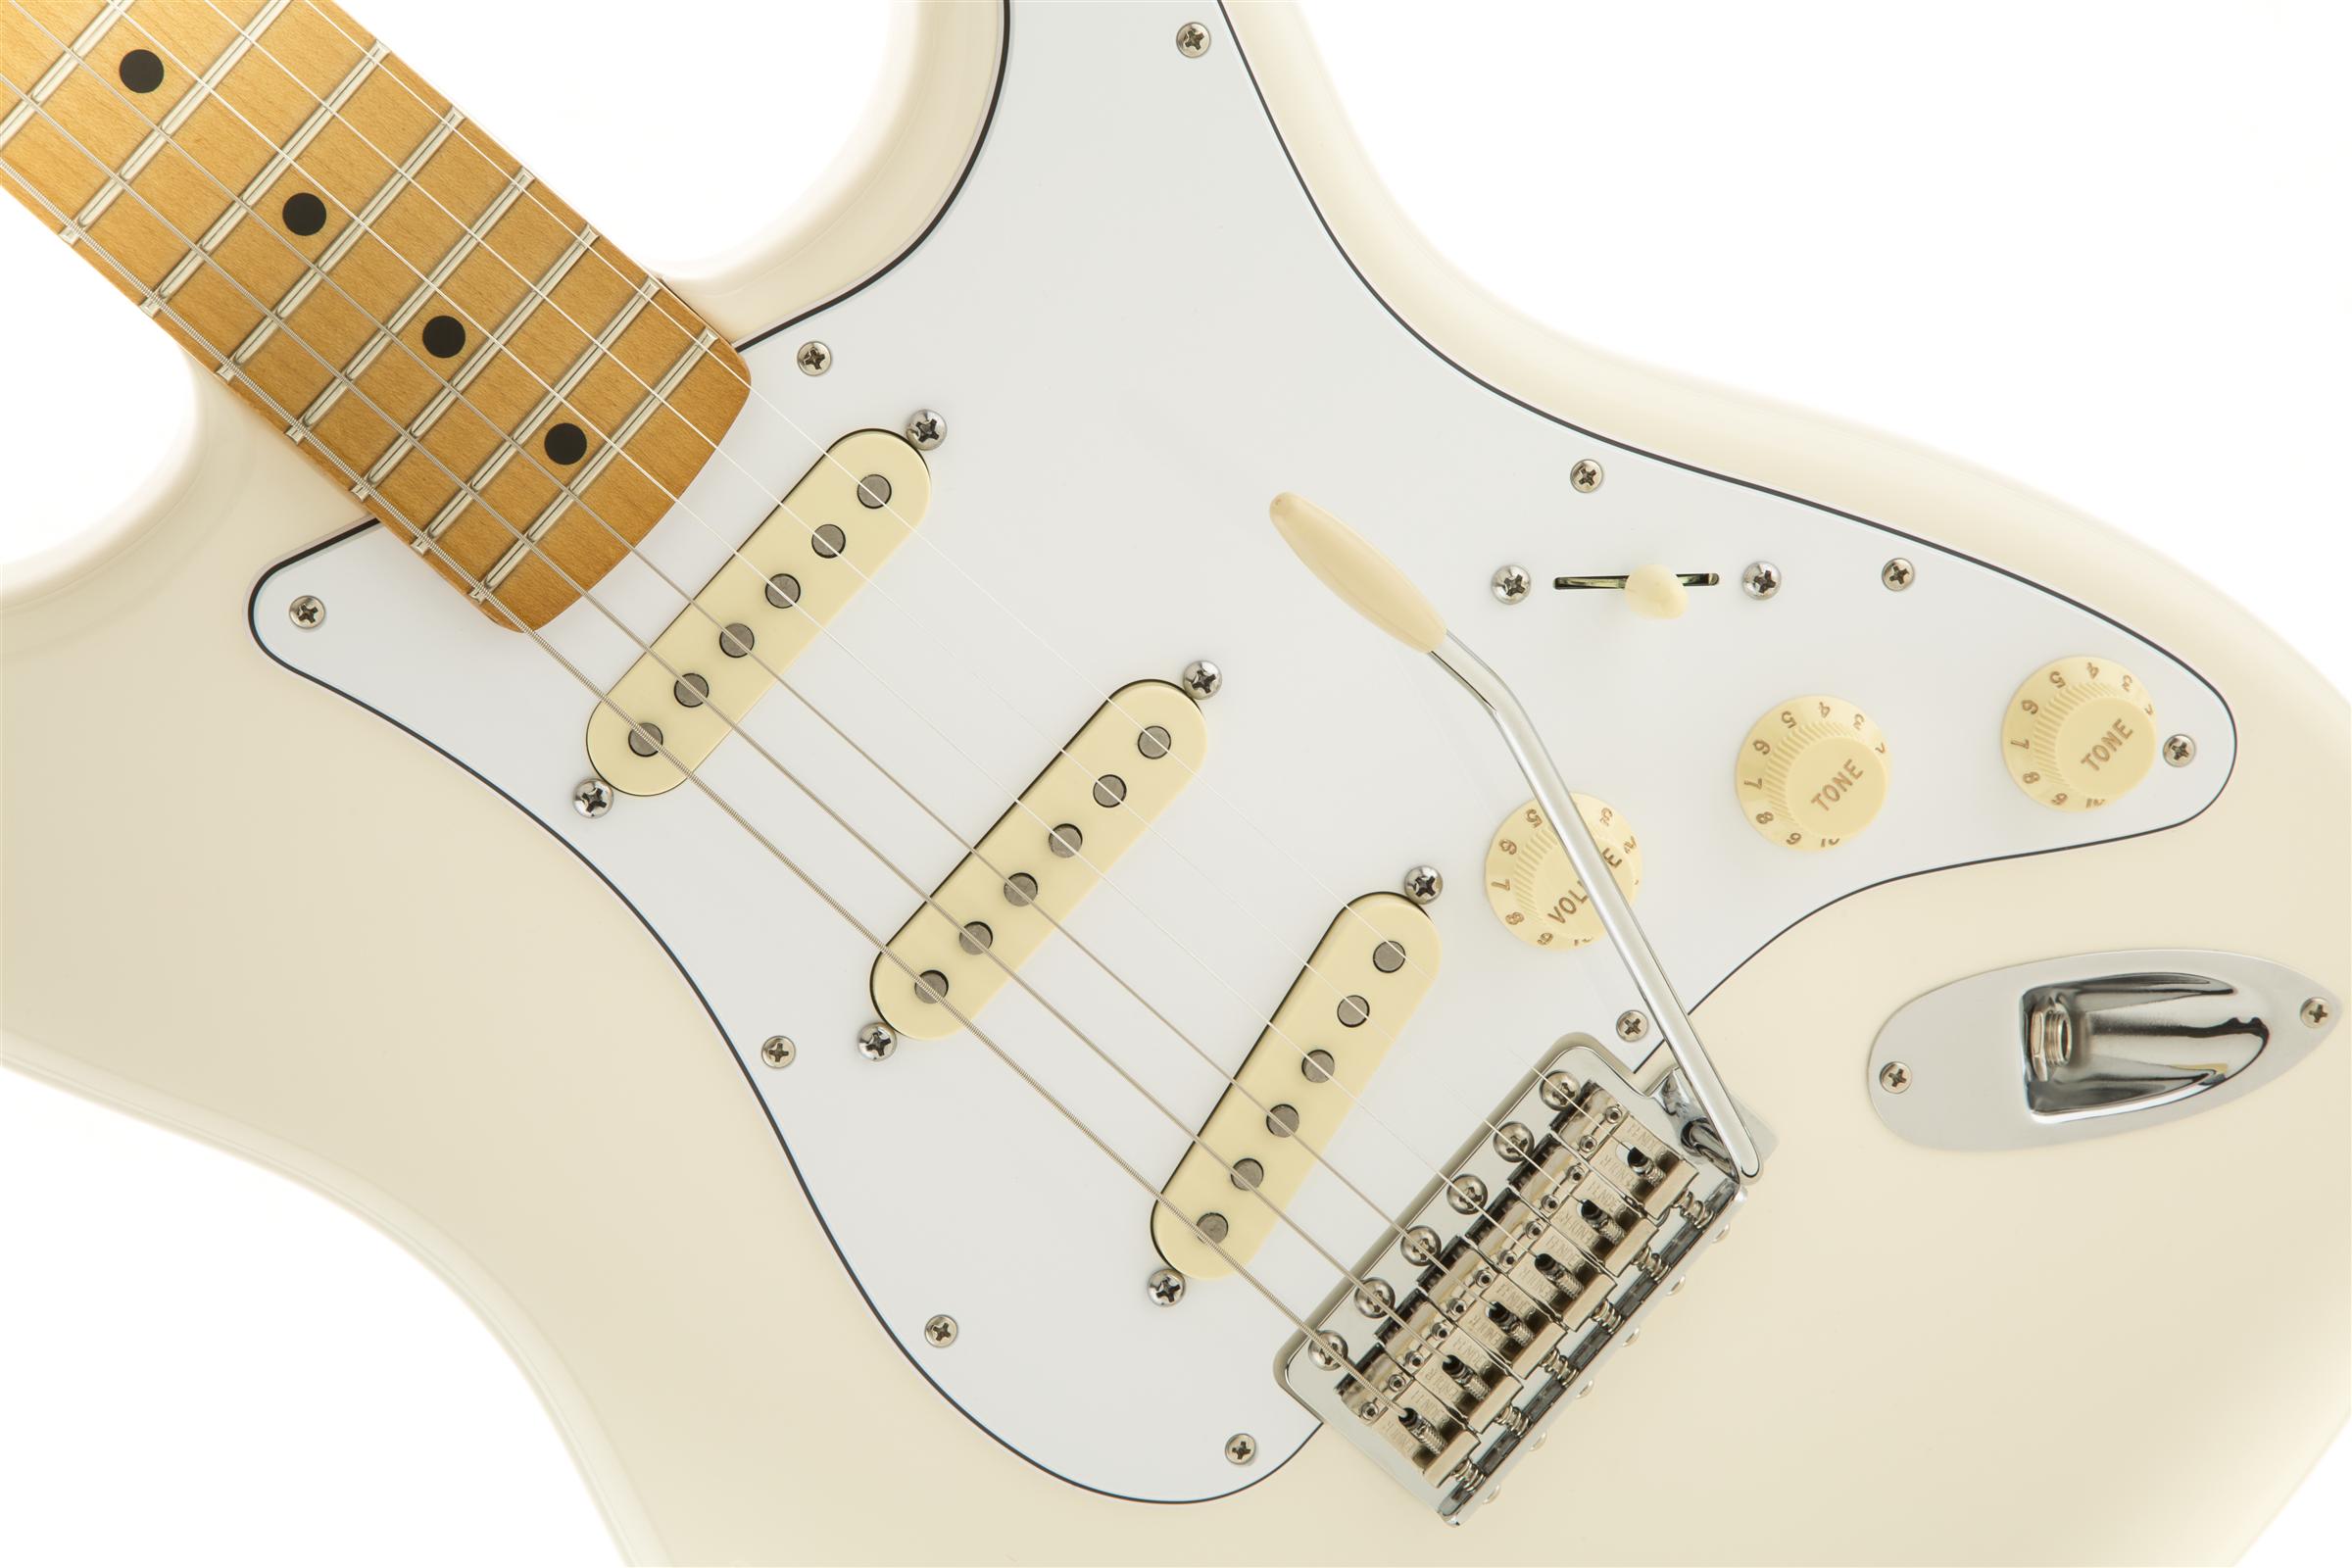 jimi-hendrix-gitara-white-stratocaster-02